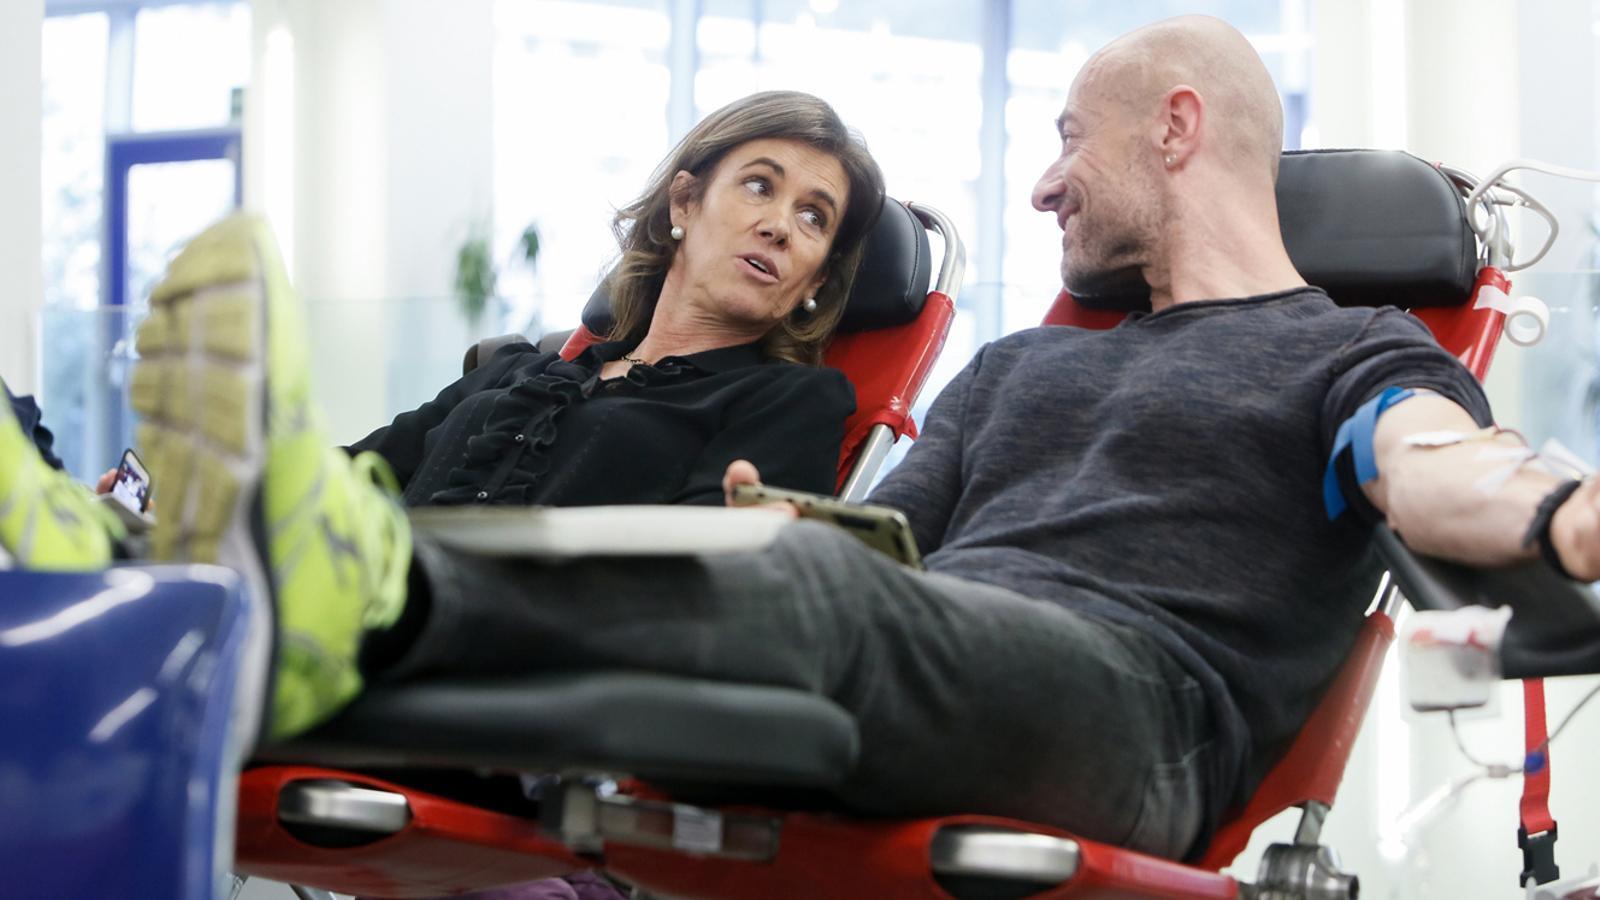 La ministra d'Educació i Ensenyament Superior, Ester Vilarrubla, dona sang al costat d'un ciutadà. / SFG